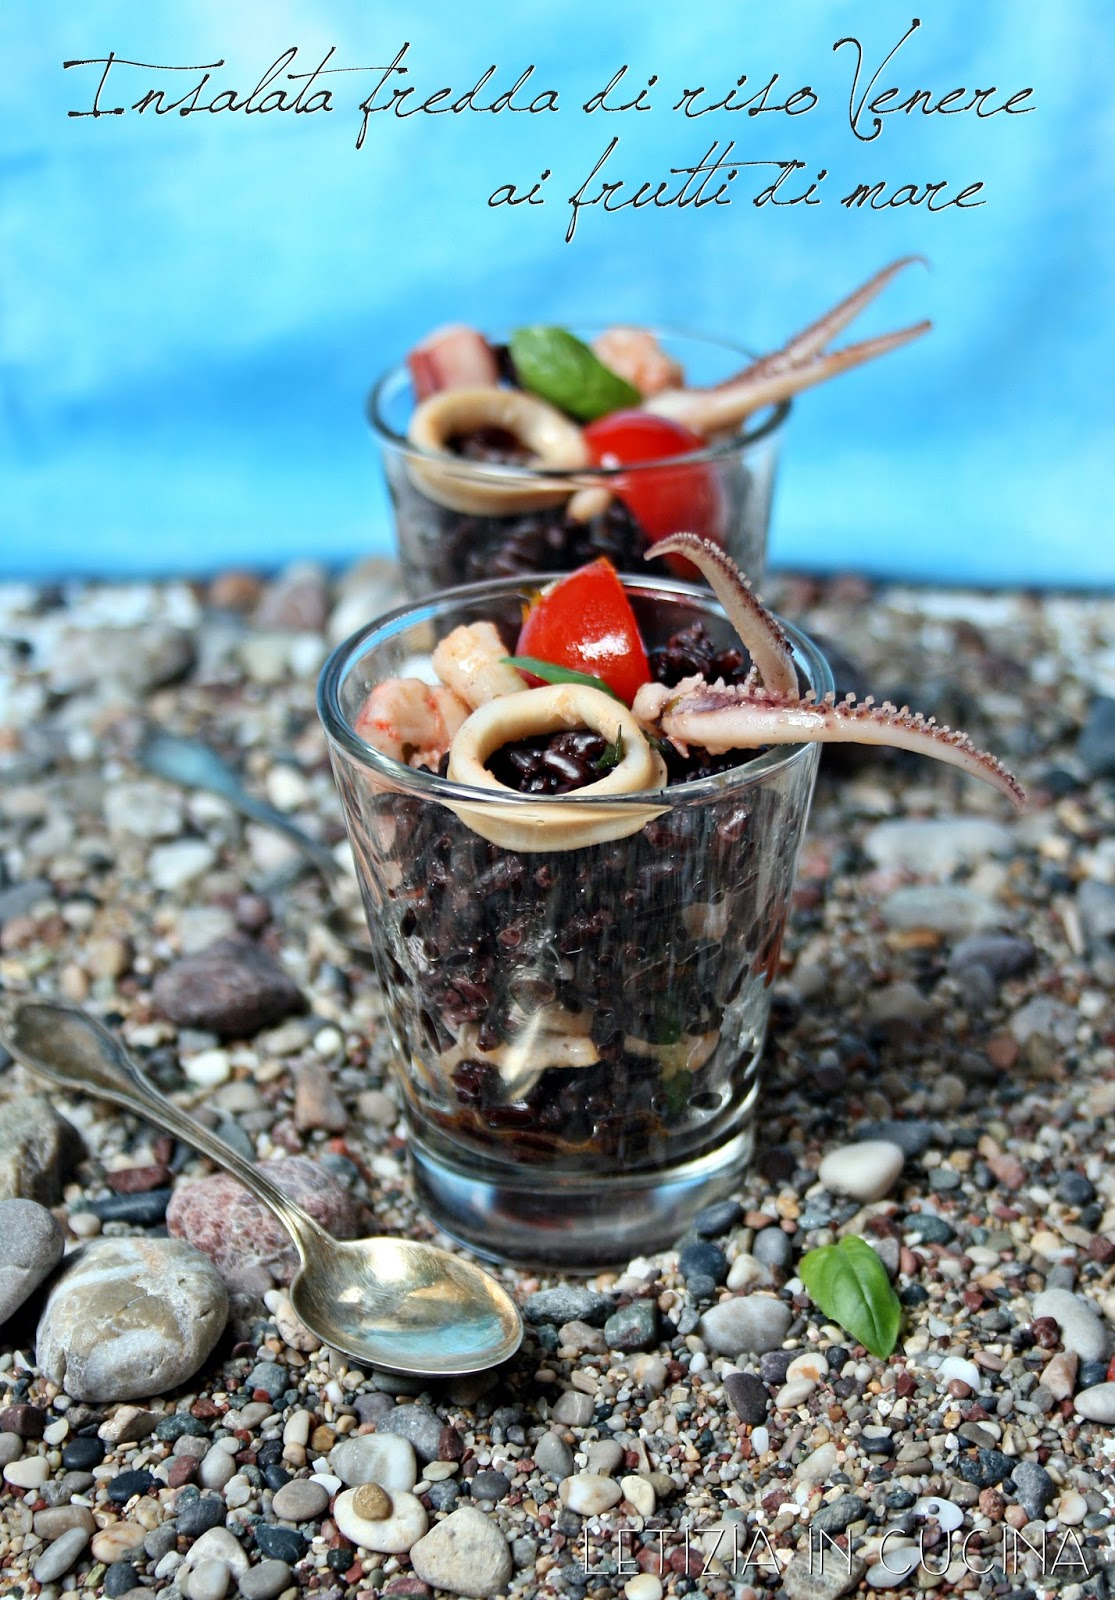 Letizia in Cucina: Insalata fredda di riso Venere ai frutti di mare